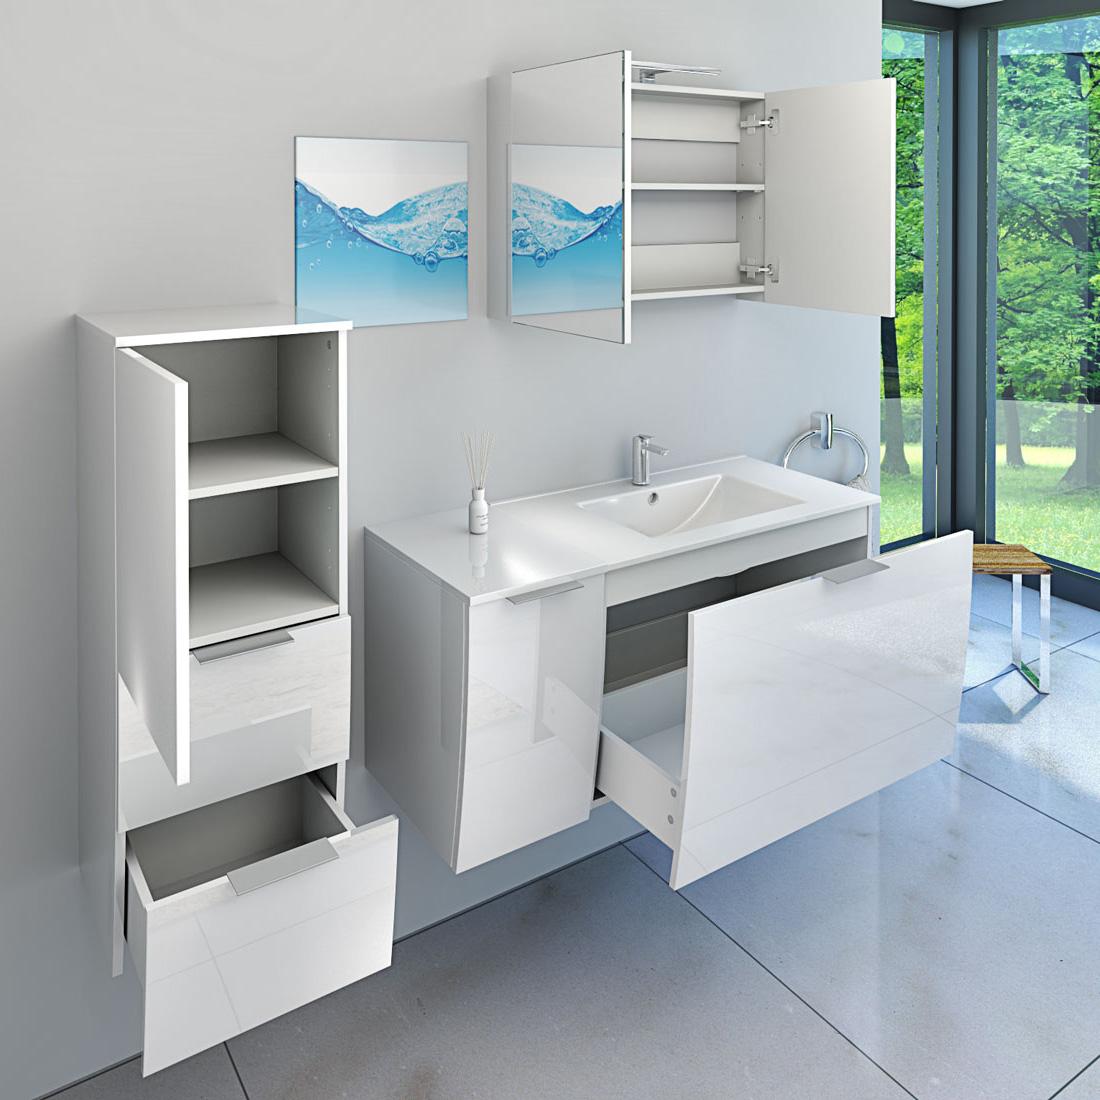 waschtisch mit waschbecken unterschrank gently 1 80cm hochglanz wei. Black Bedroom Furniture Sets. Home Design Ideas